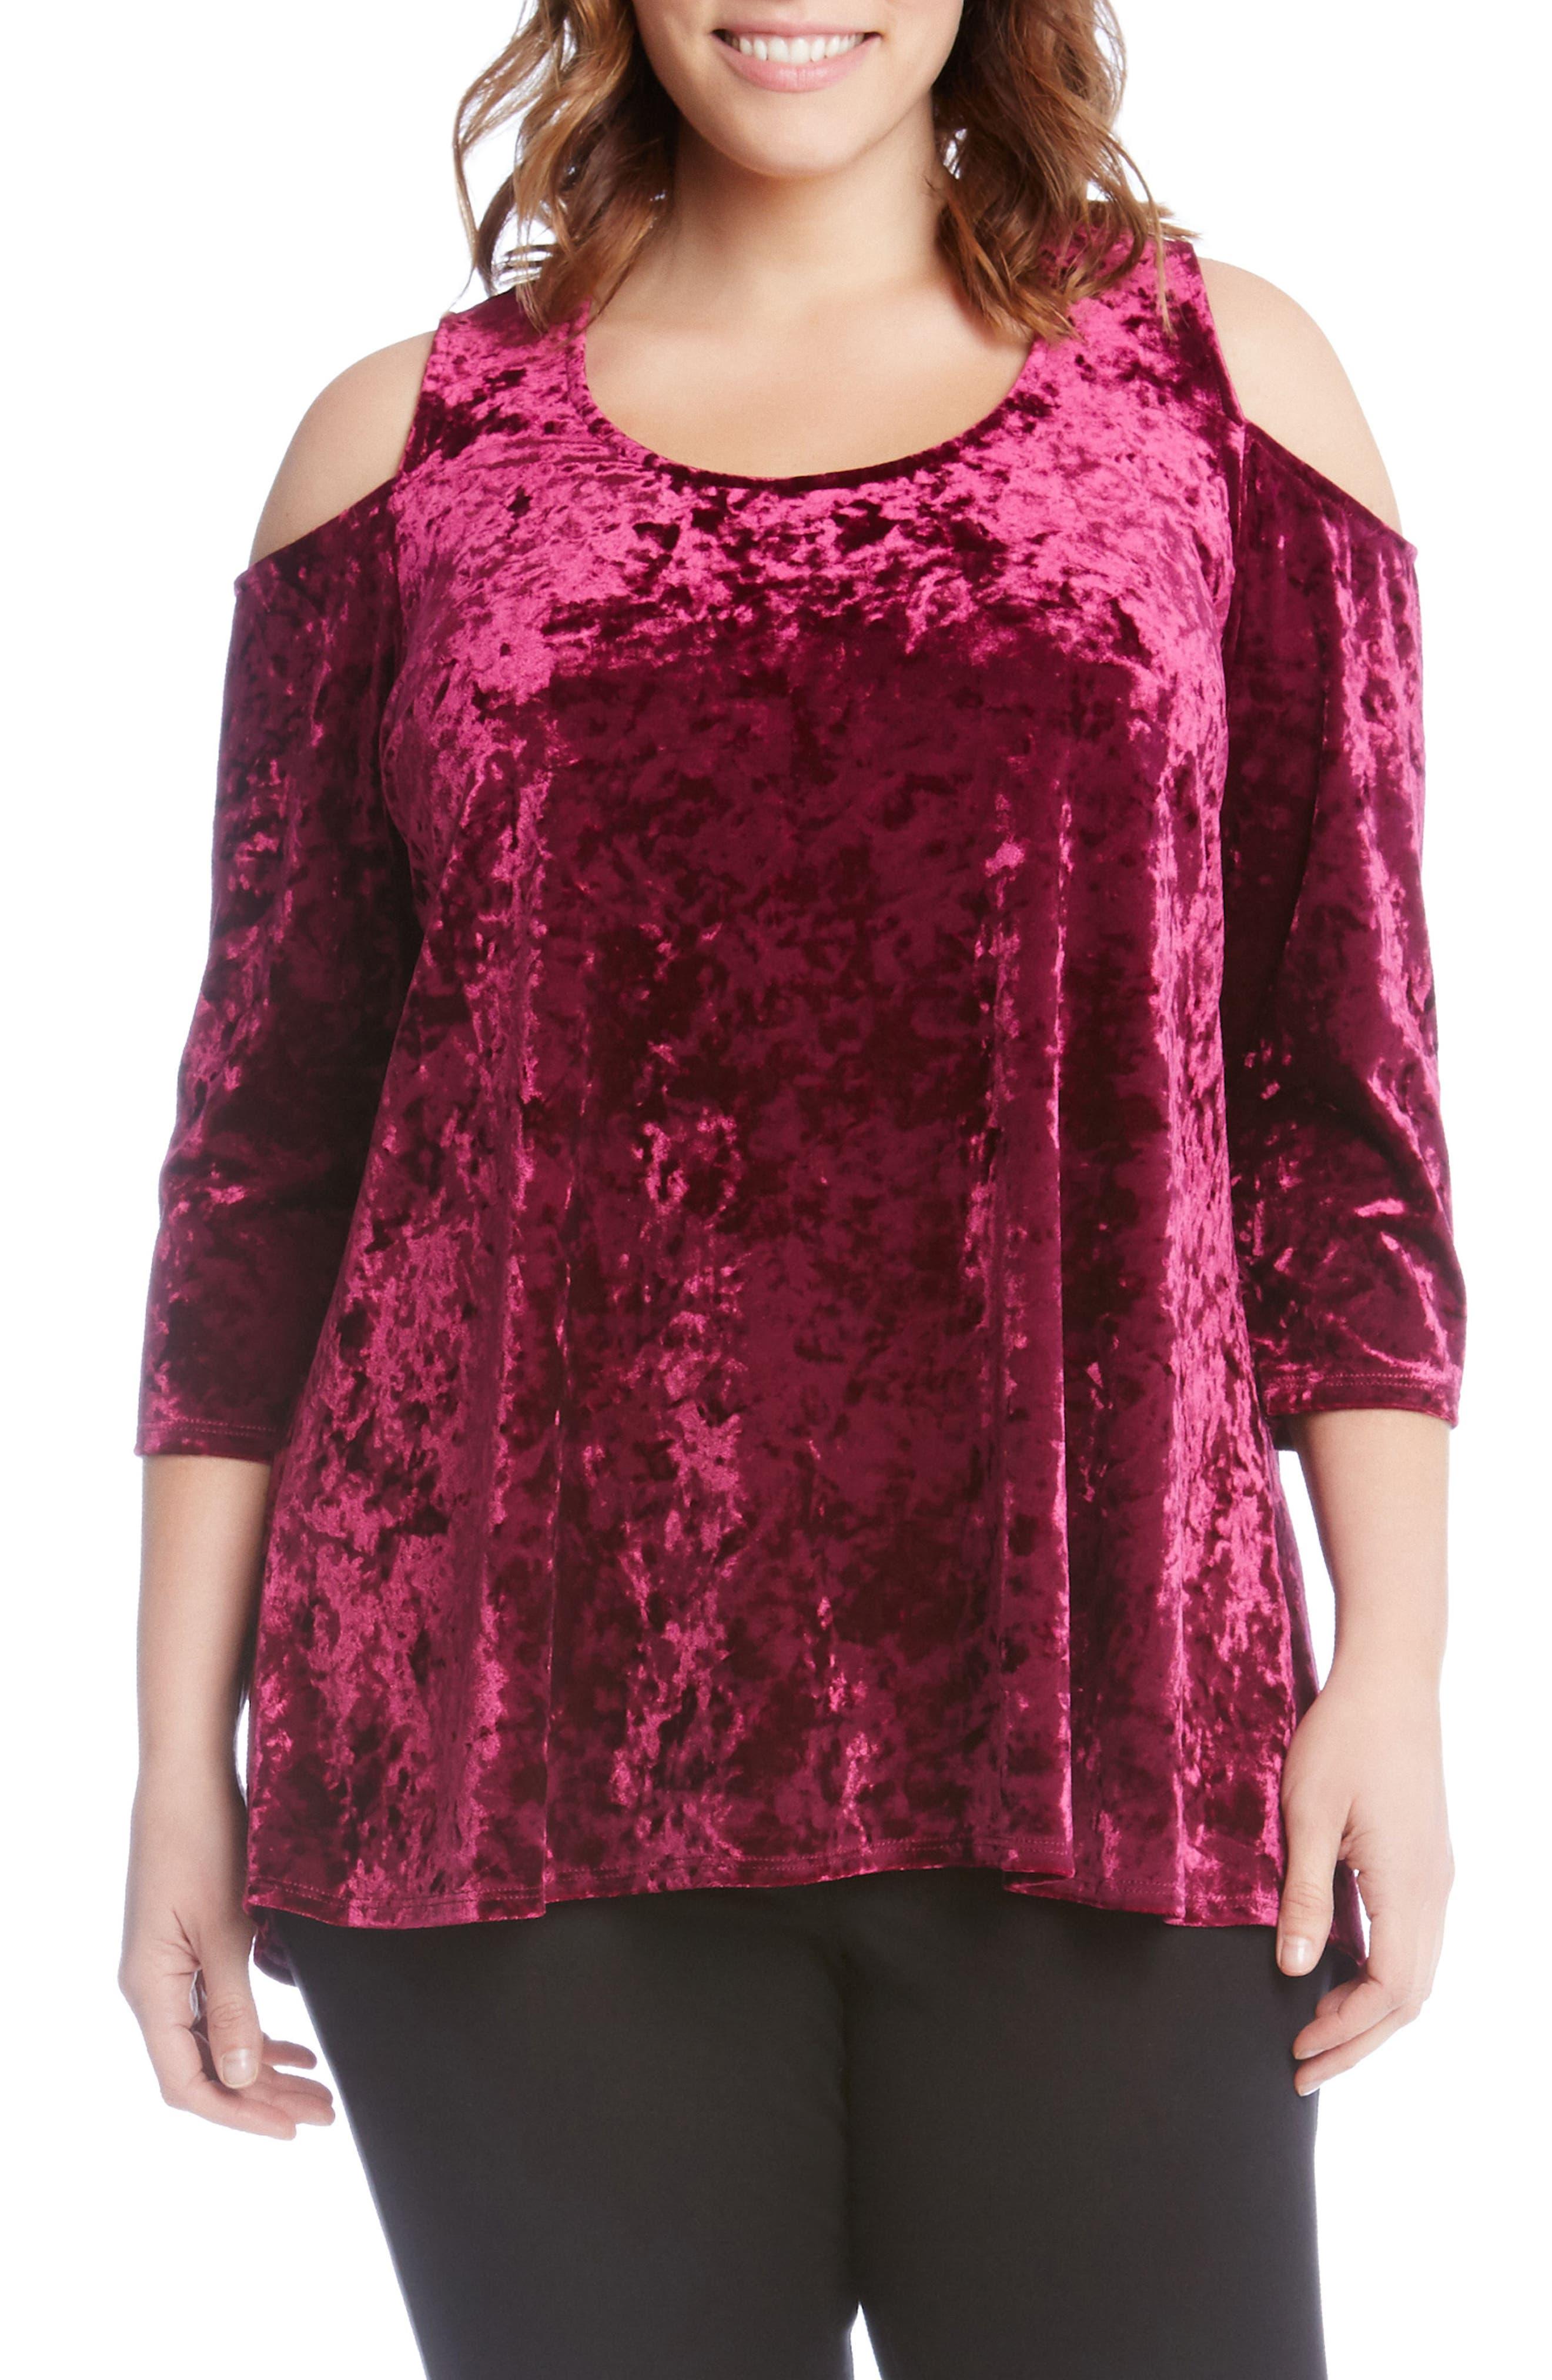 Alternate Image 1 Selected - Karen Kane Cold Shoulder Velvet Top (Plus Size)